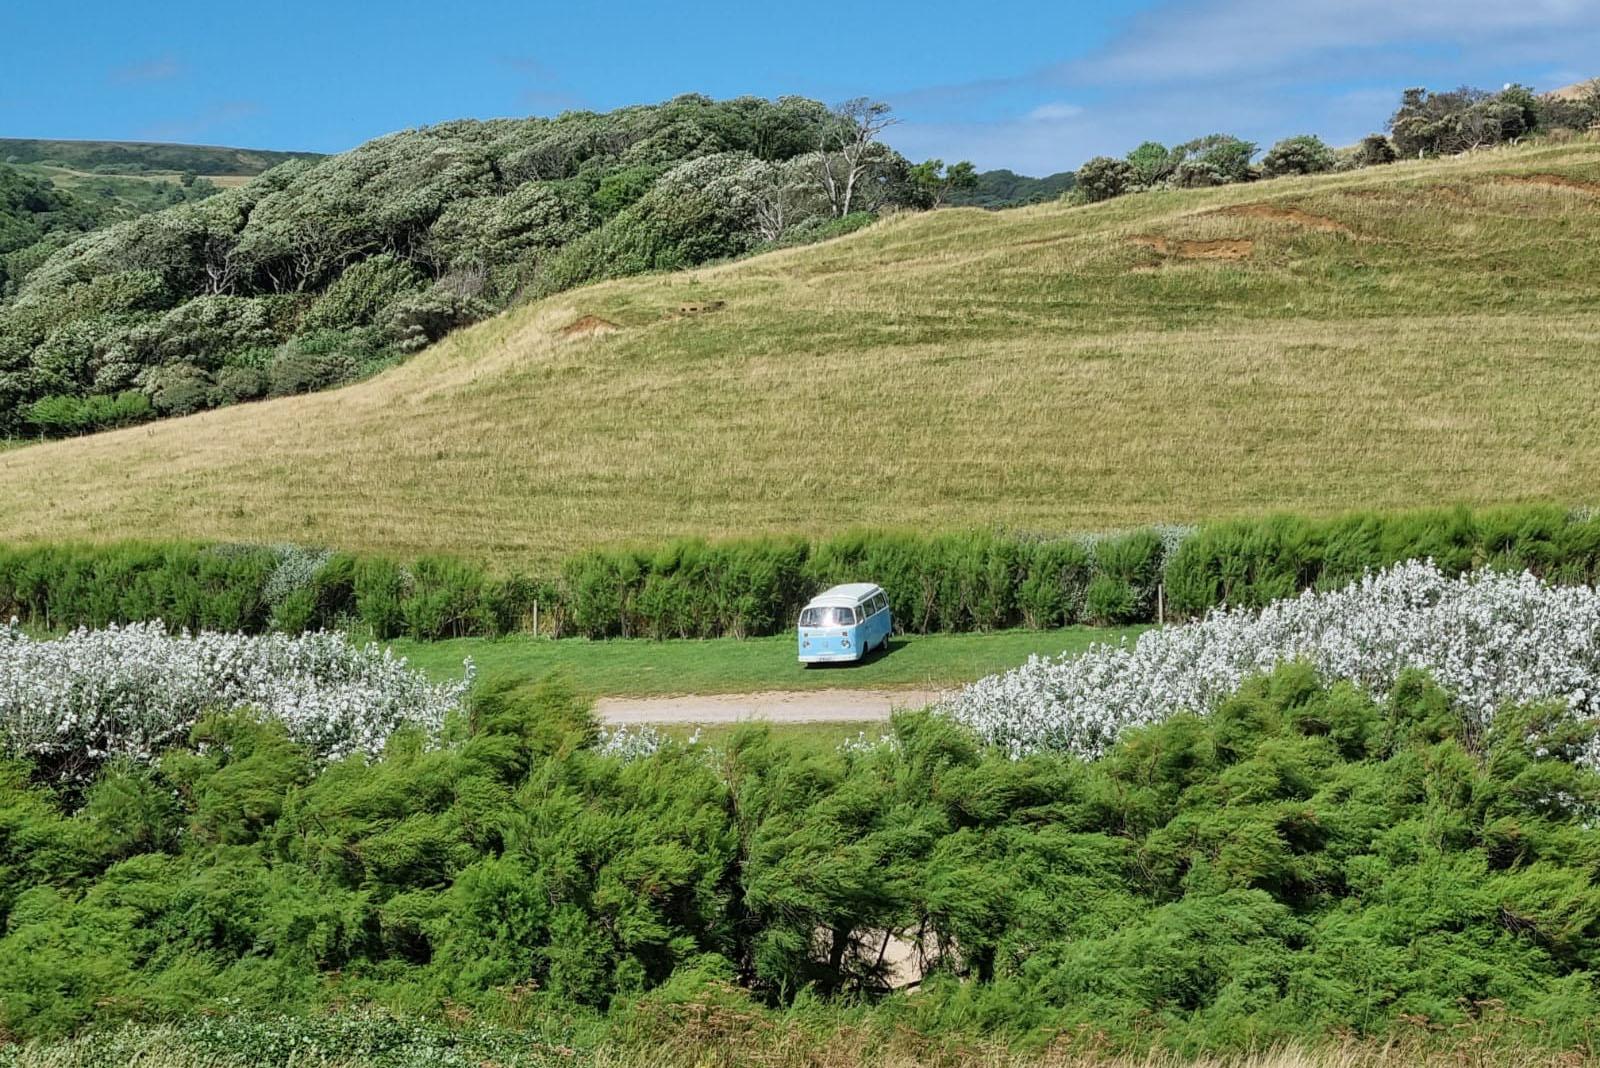 vw campervan in green fields